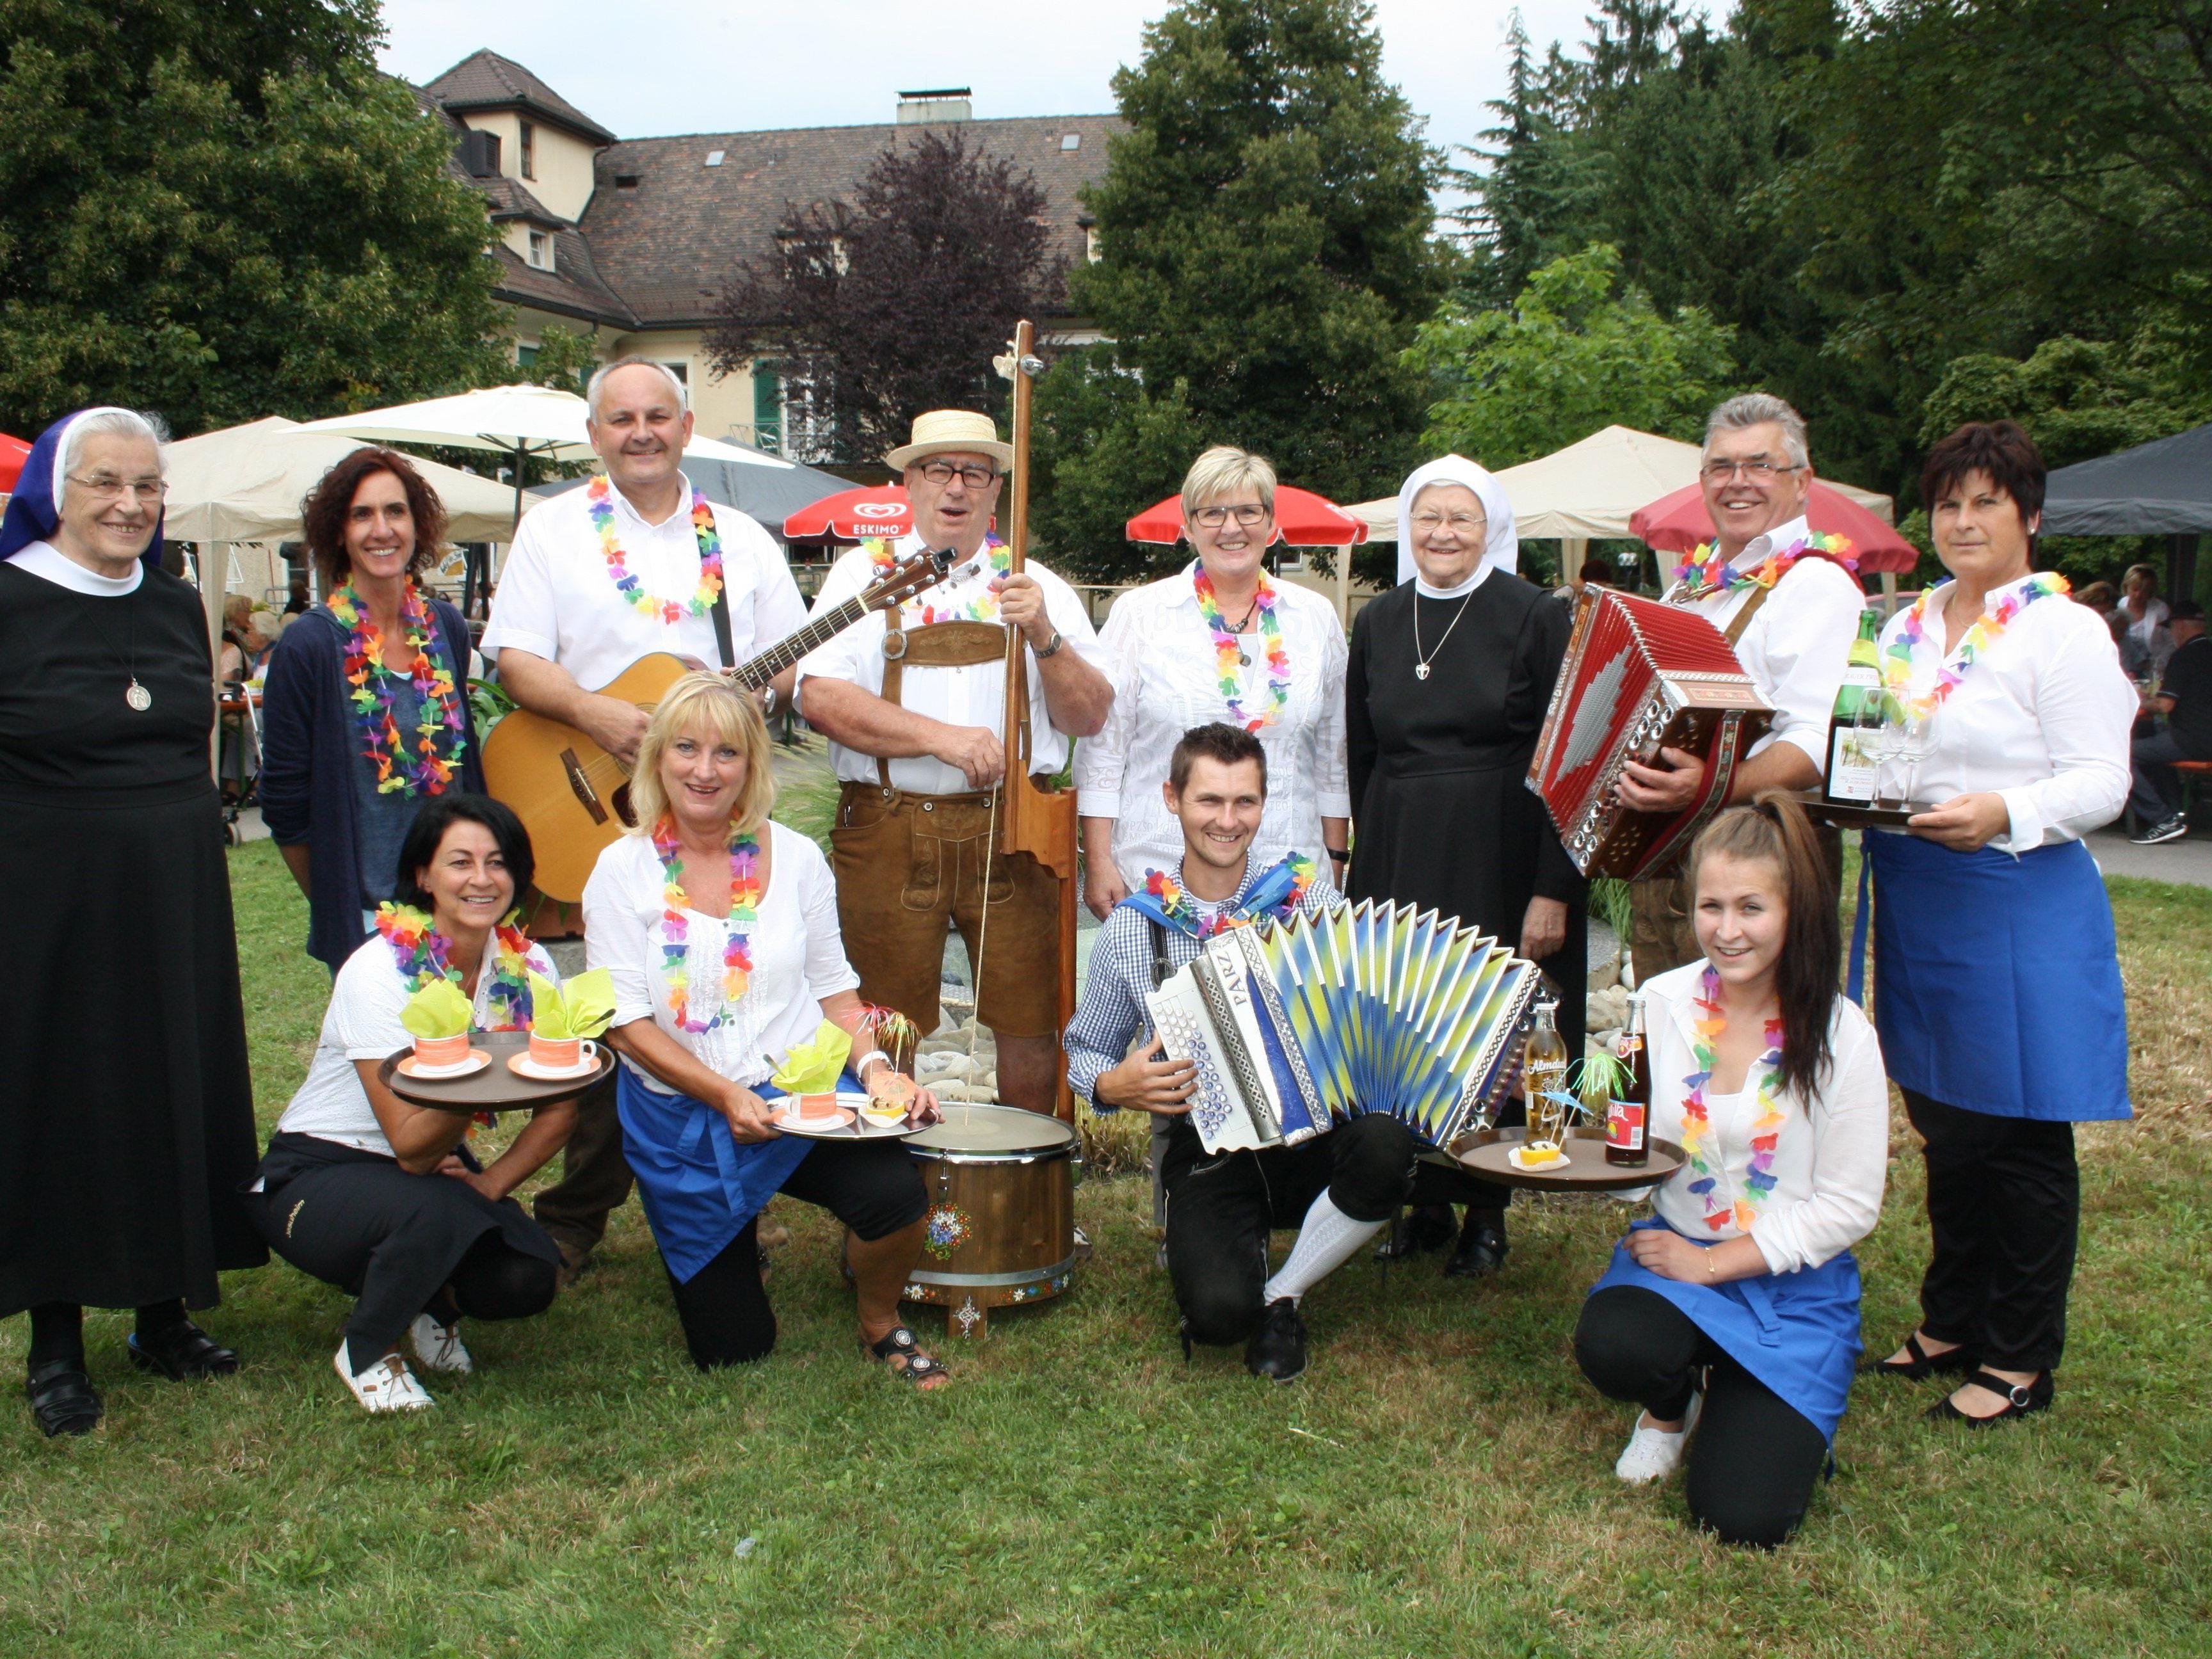 Gemeinsam mit den zahlreichen Helferinnen und Helfern des Hauses konnten sich die Musikanten und die Organisatoren über ein bestens gelungenes Sommerfest freuen.